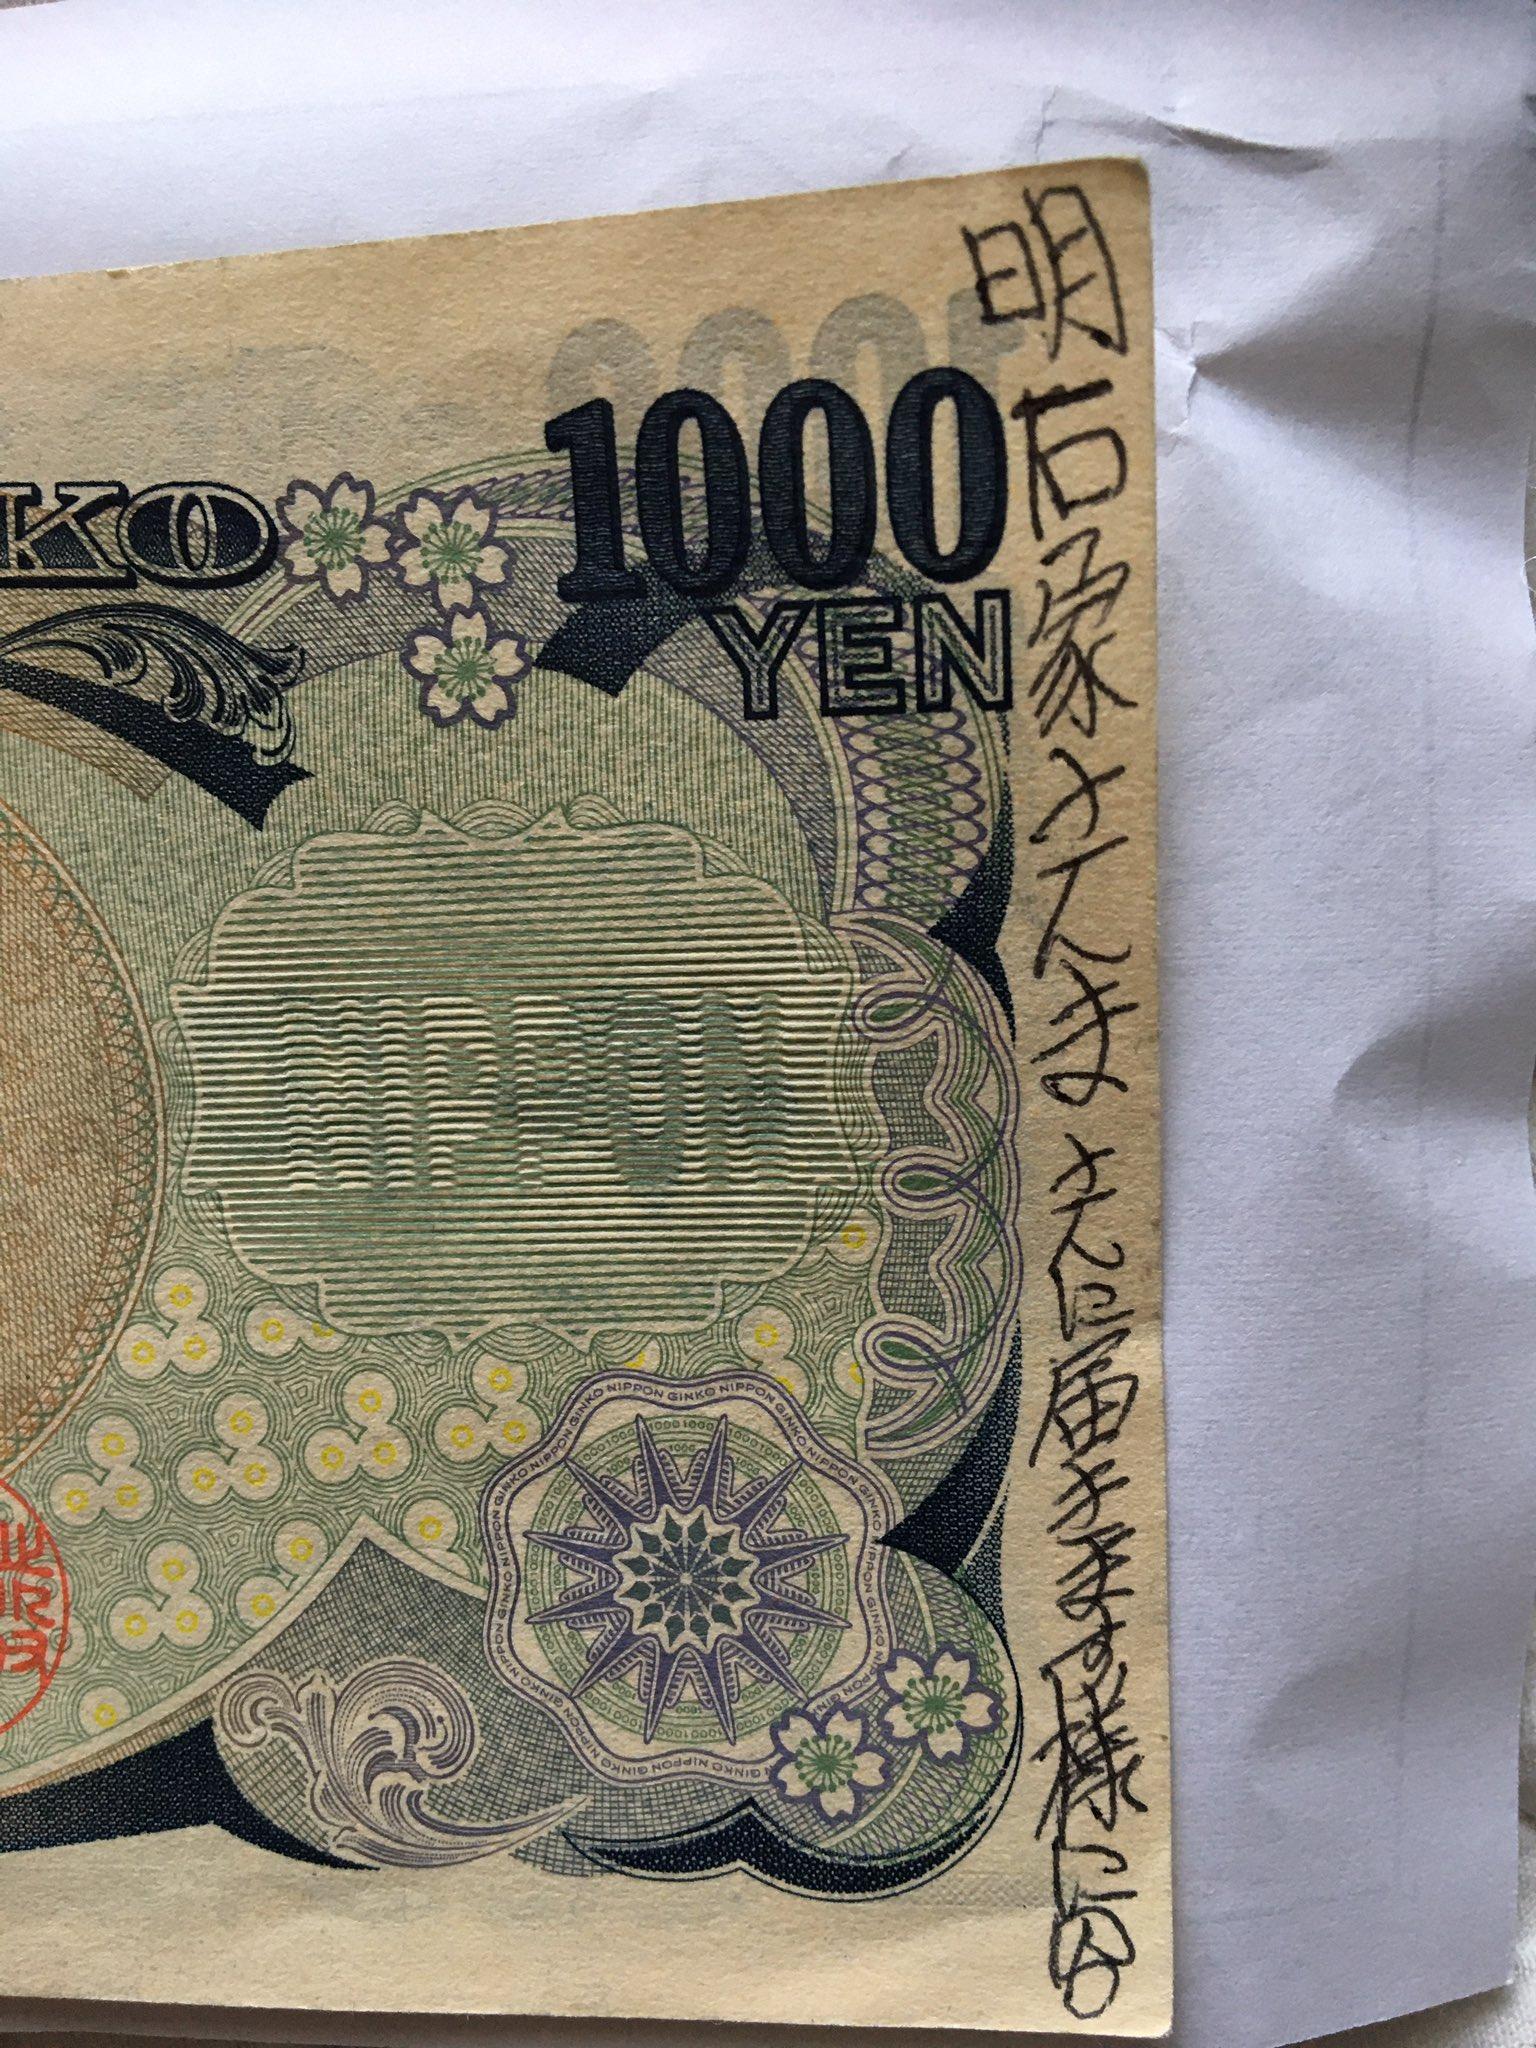 明石家さんまさんに届きます様にと書かれた千円札の画像